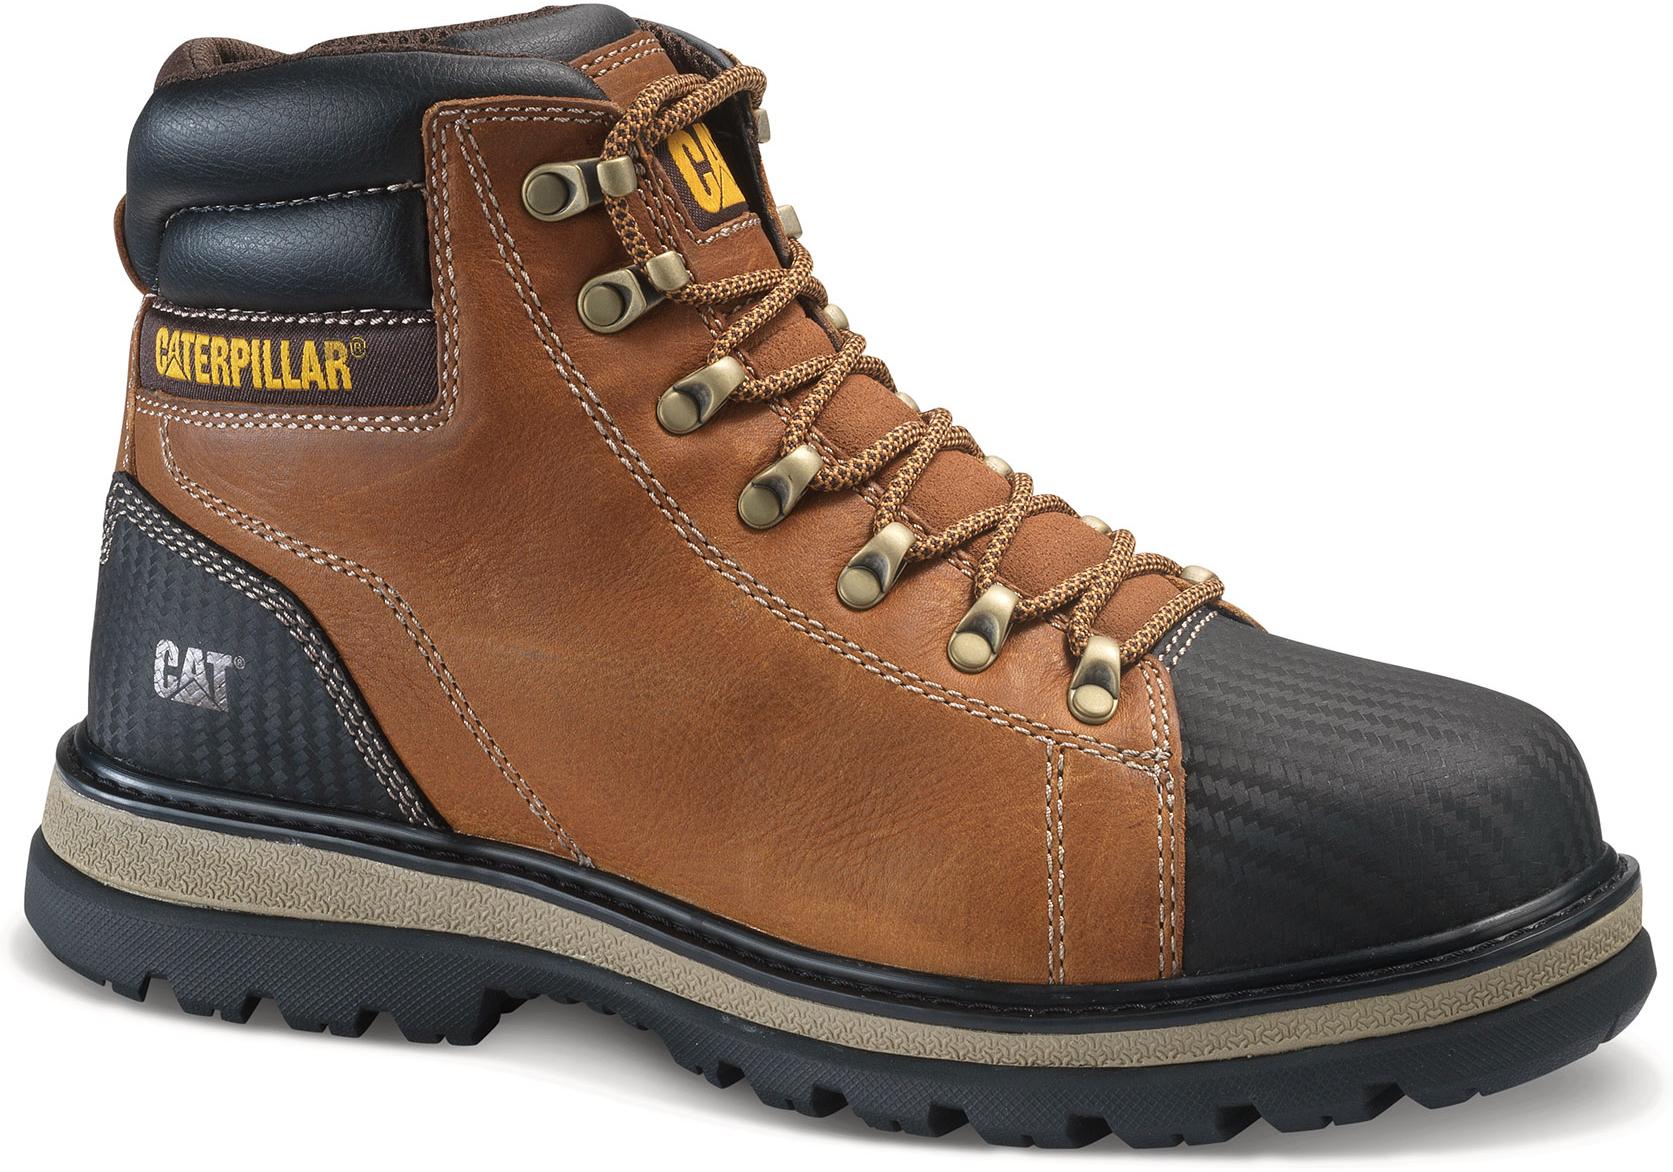 bardzo popularny autentyczny szczegółowe zdjęcia Męskie buty robocze Caterpillar Foxfield ST S3 SRC